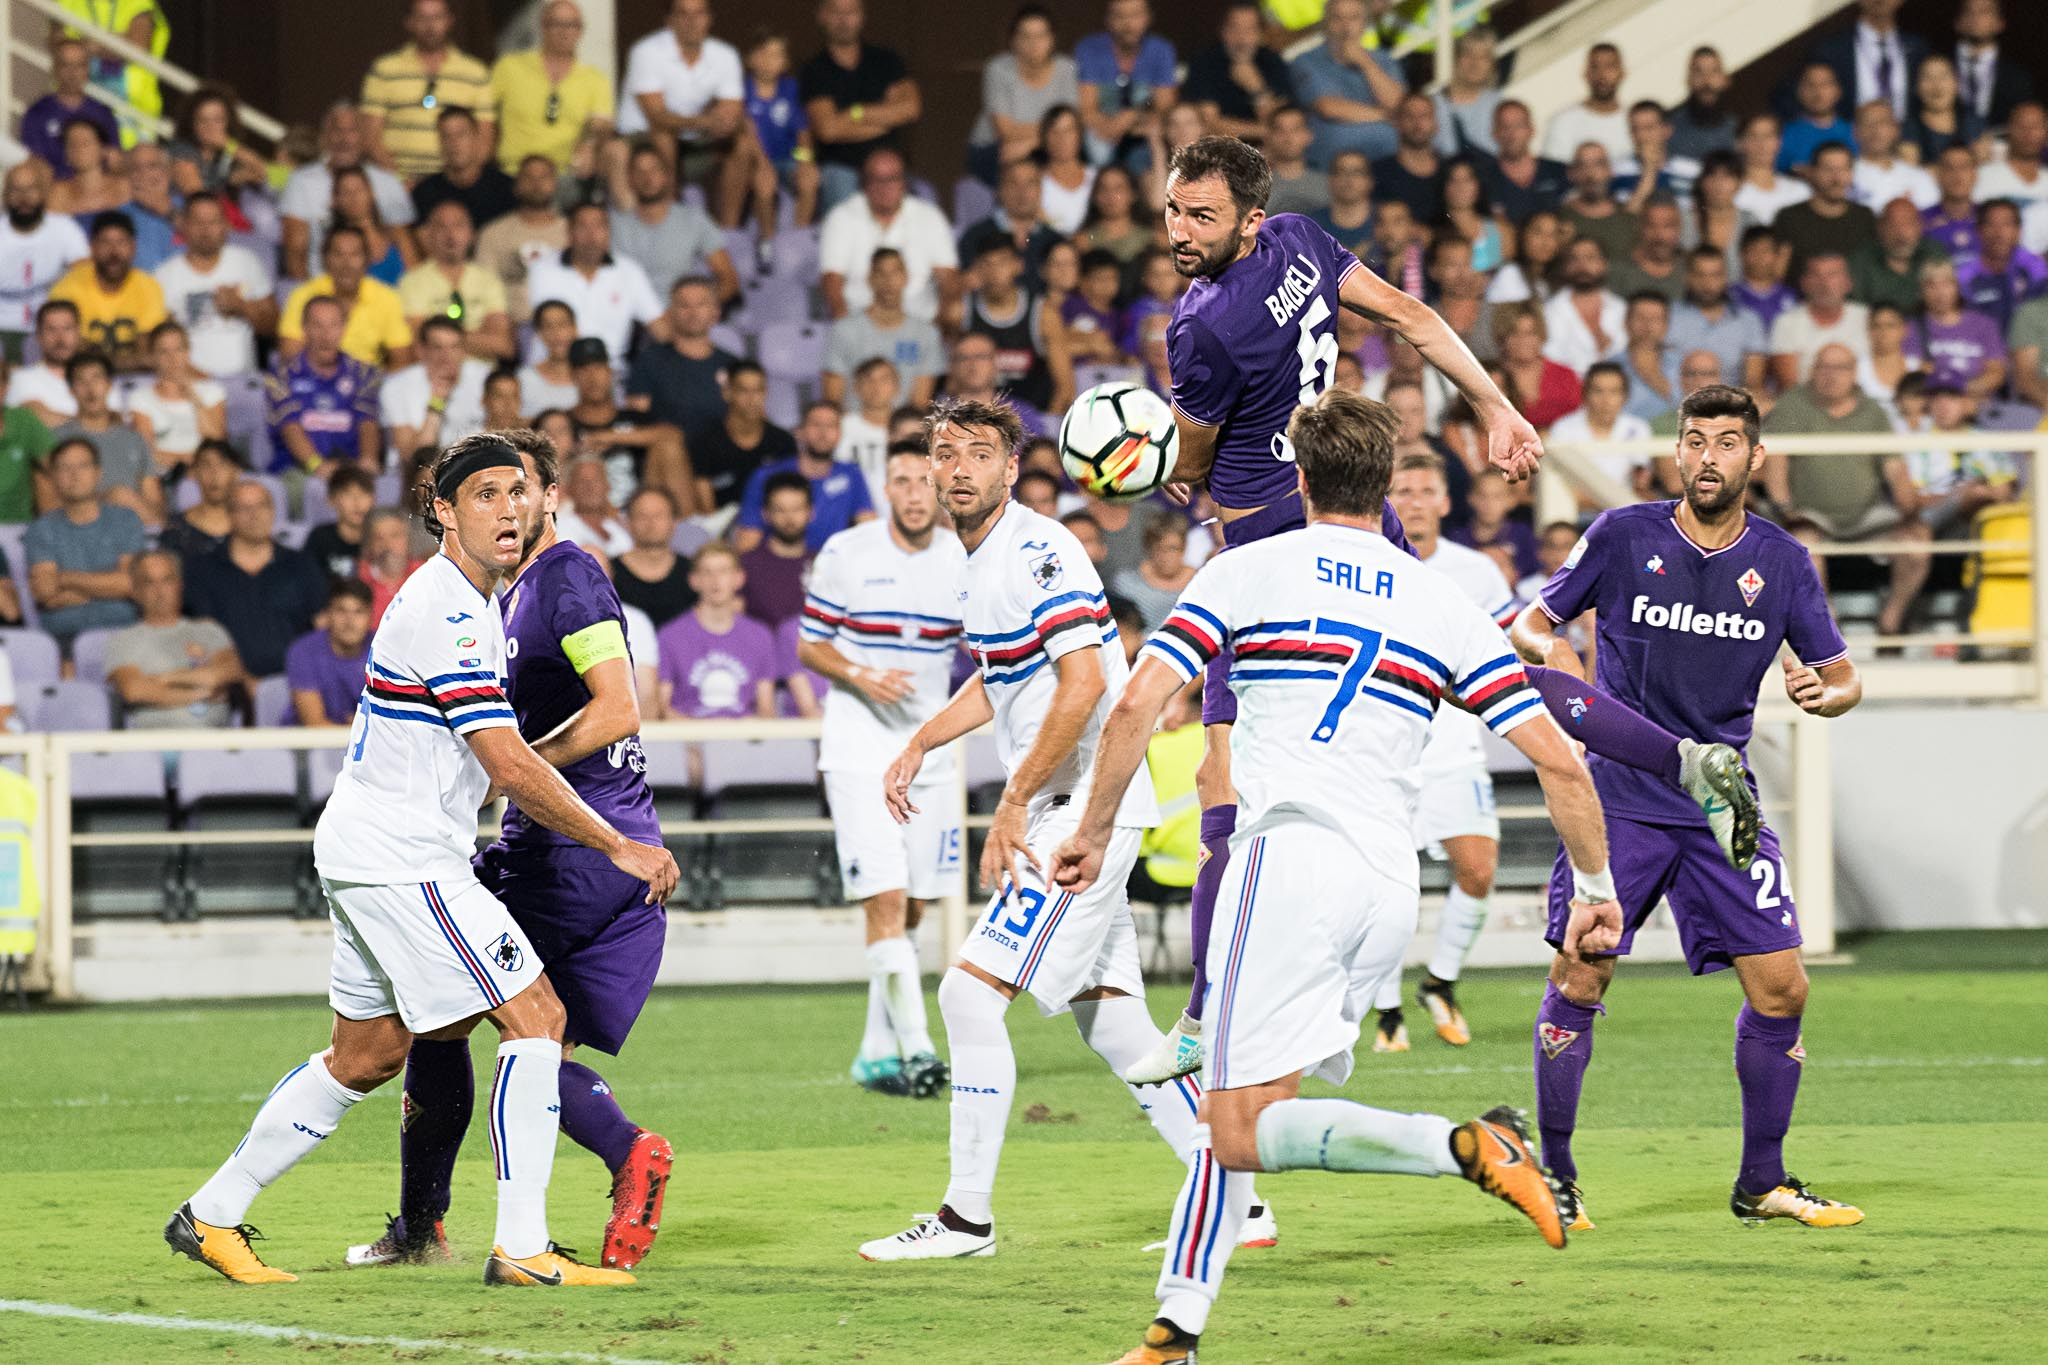 Coppa Italia: Fiorentina-Sampdoria si giocherà mercoledì 13 dicembre alle 17.30